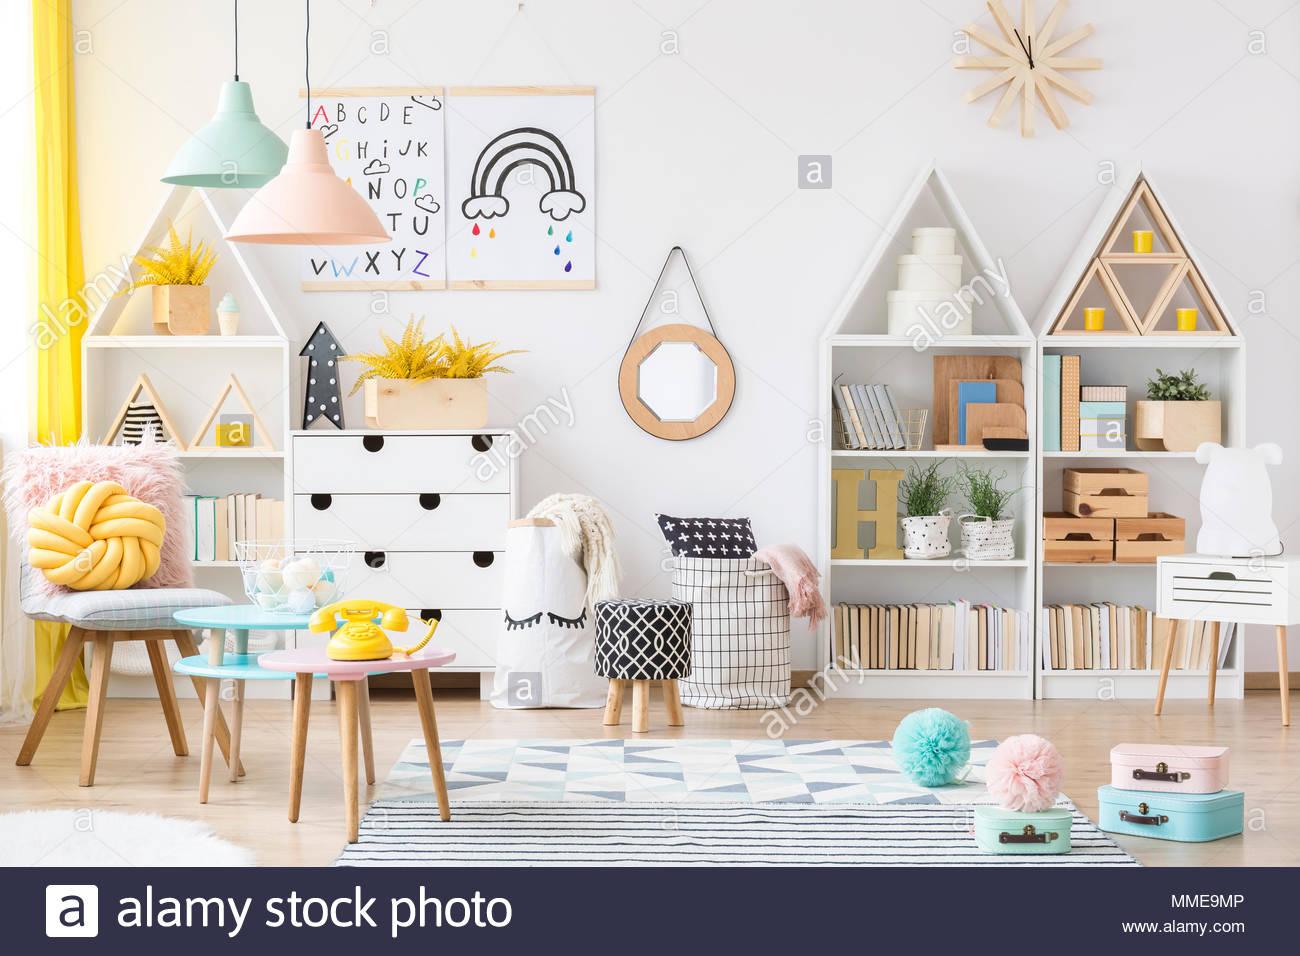 Full Size of Einrichtung Kinderzimmer Zwei Einfache Plakate Hngen An Weie Wand Im Sofa Regal Weiß Regale Kinderzimmer Einrichtung Kinderzimmer